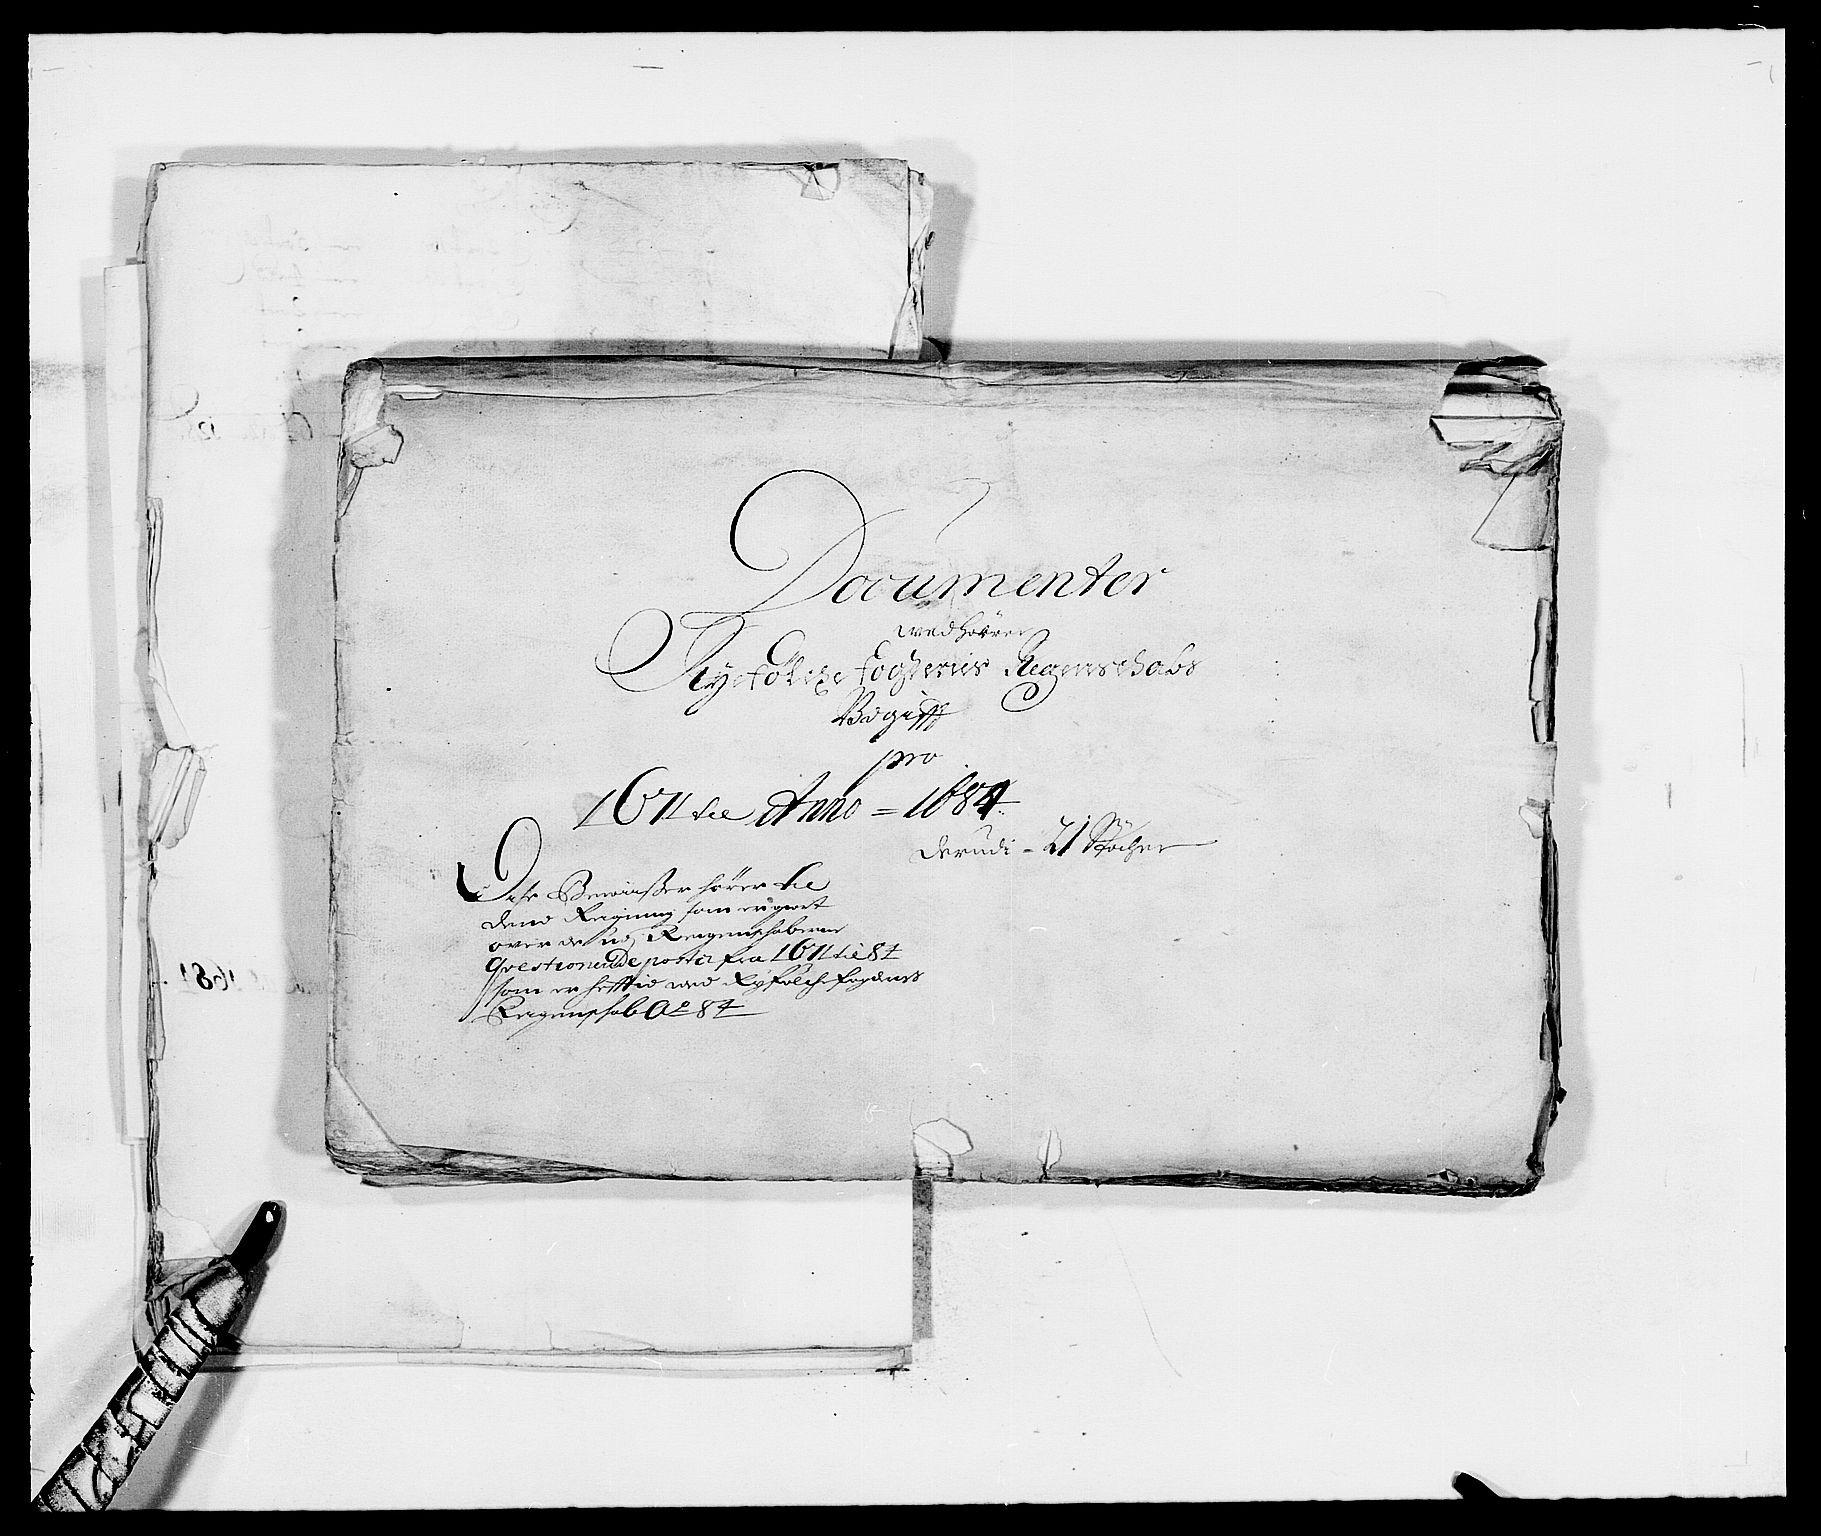 RA, Rentekammeret inntil 1814, Reviderte regnskaper, Fogderegnskap, R47/L2854: Fogderegnskap Ryfylke, 1684, s. 249